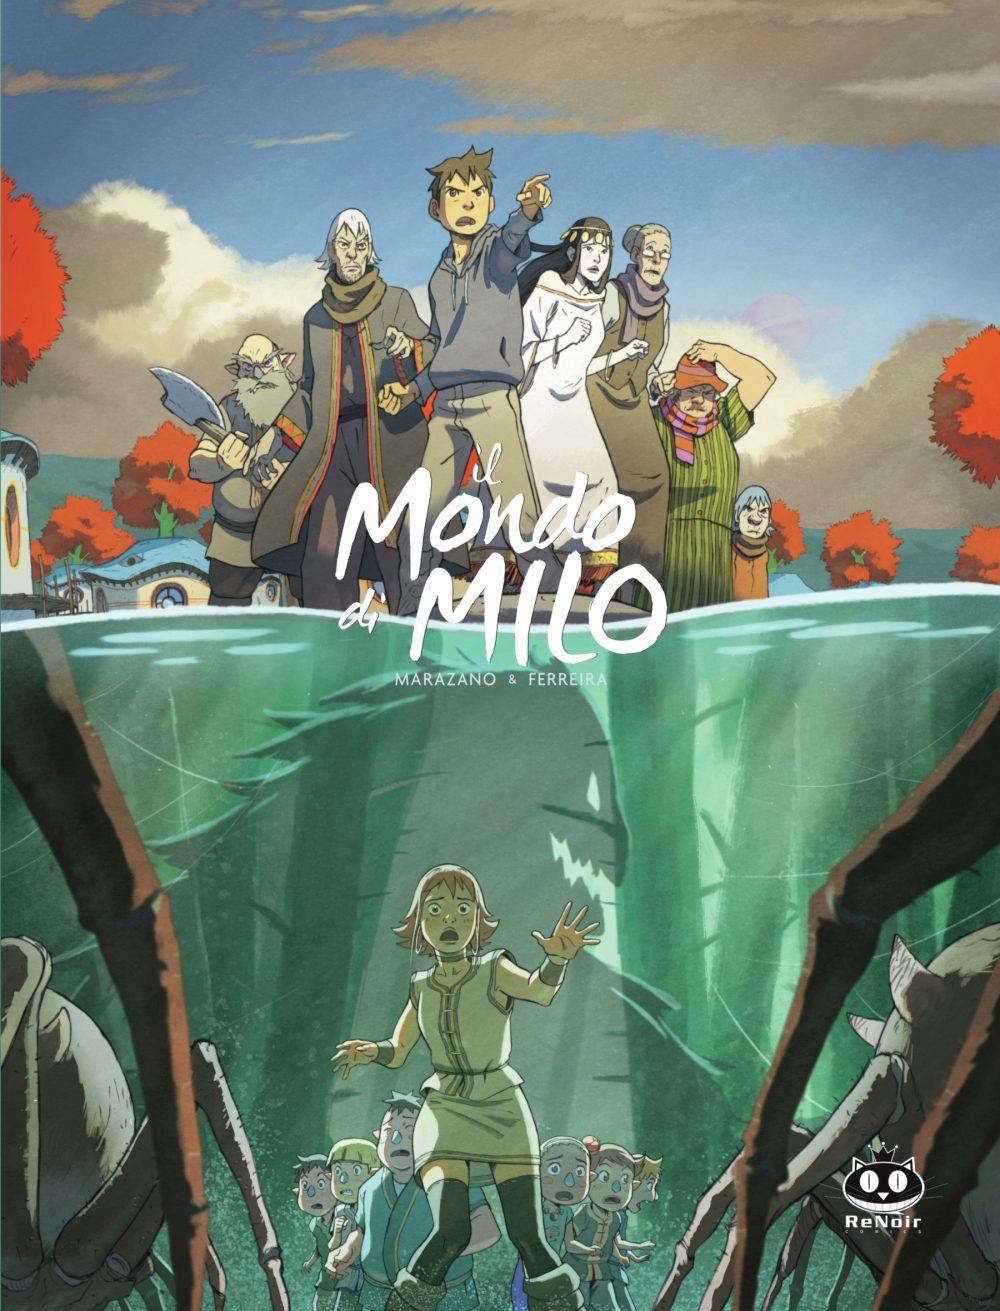 Il mondo di Milo vol. 2, copertina di Christophe Ferreira